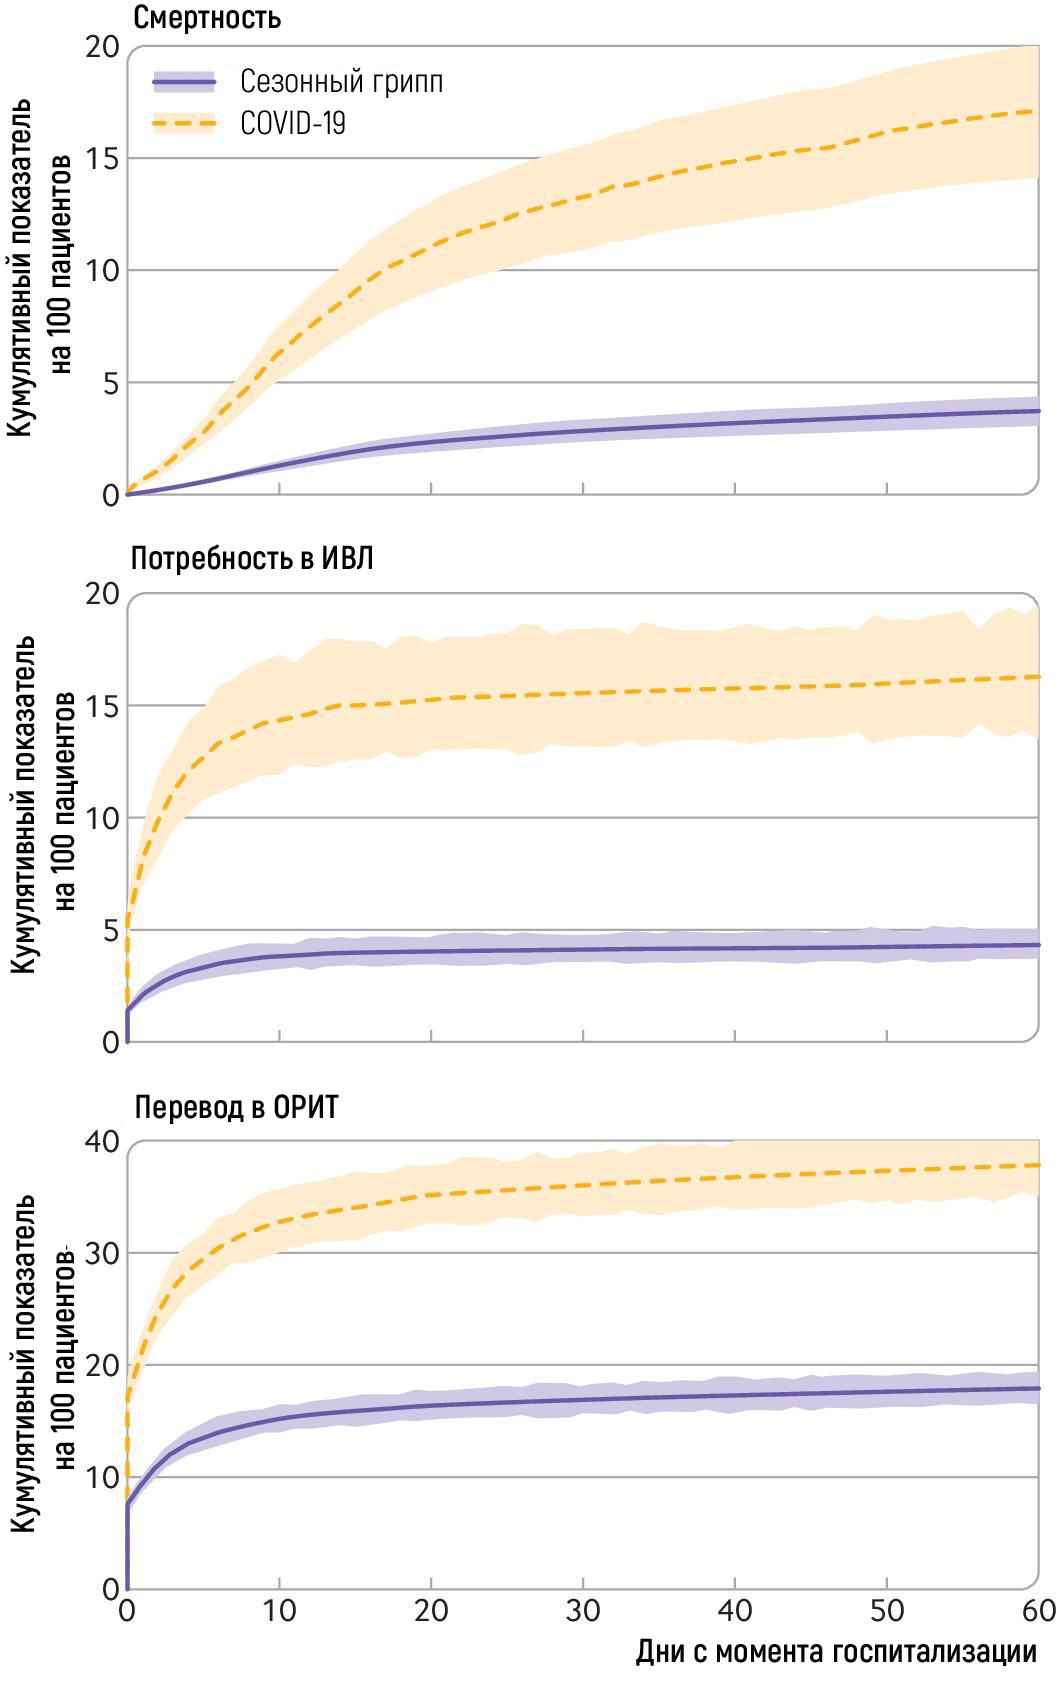 COVID vs грипп: оценка рисков у госпитализированных пациентов